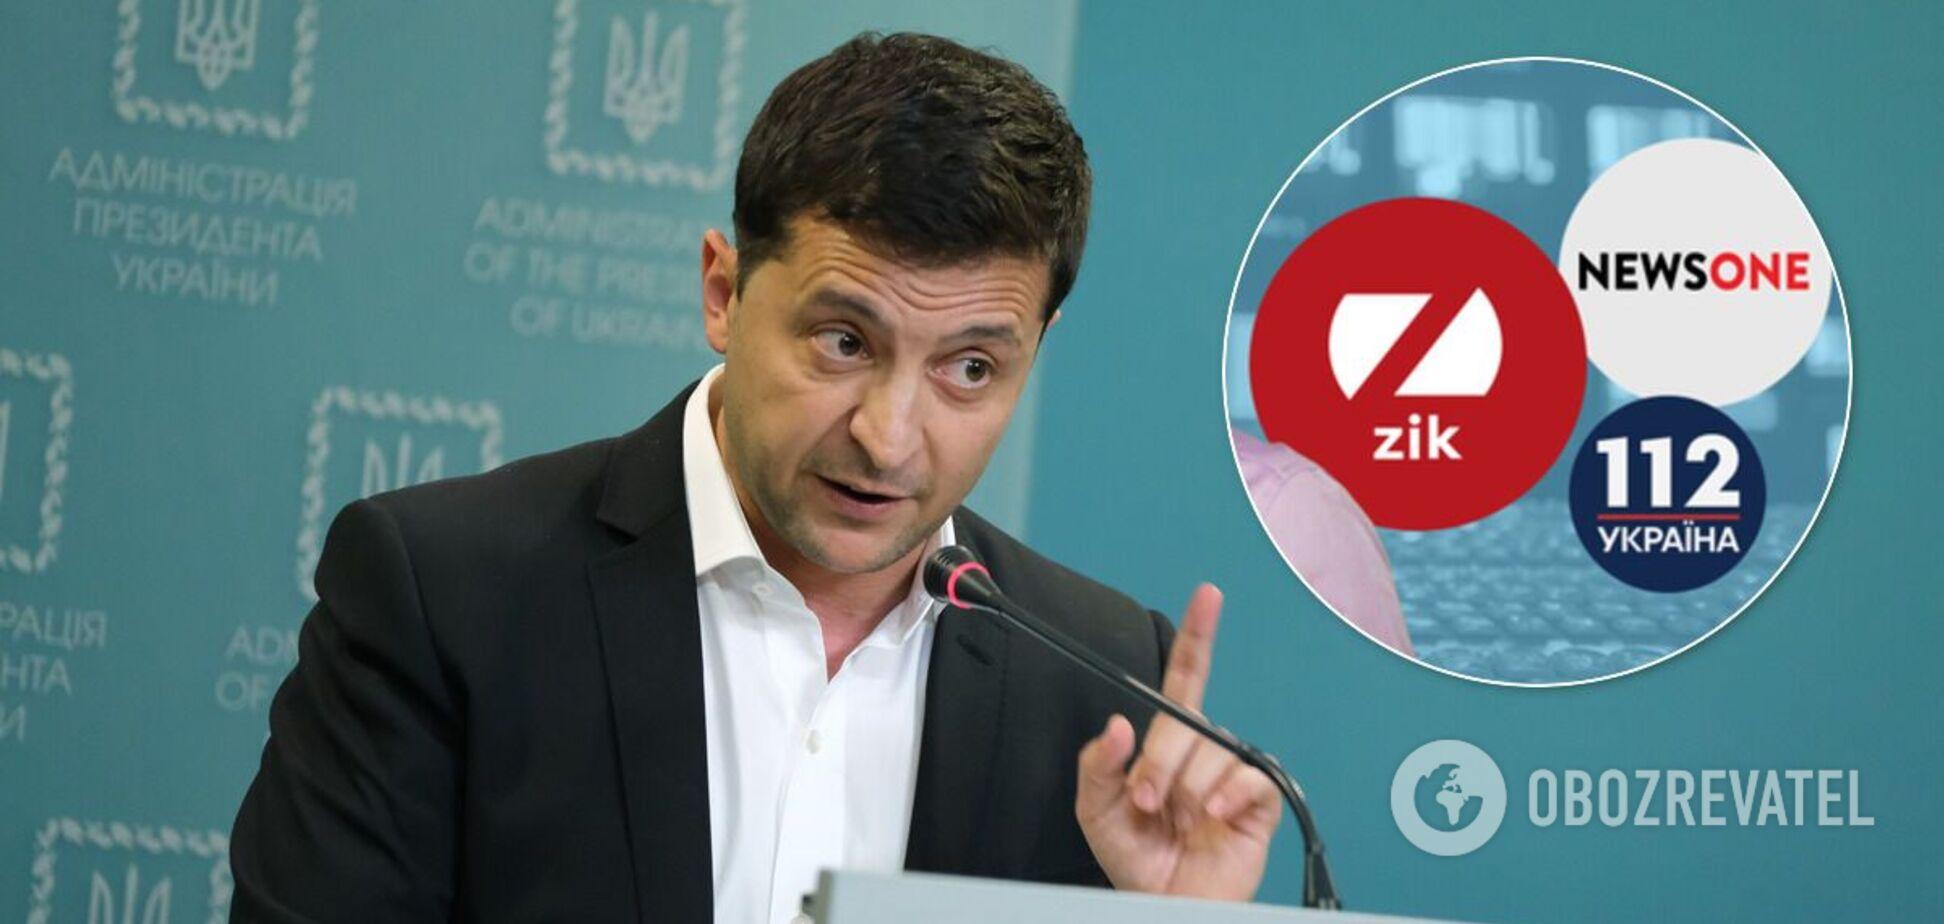 Платформа опитувань iViche запустила голосування щодо блокування 112,NewsOne та ZIK